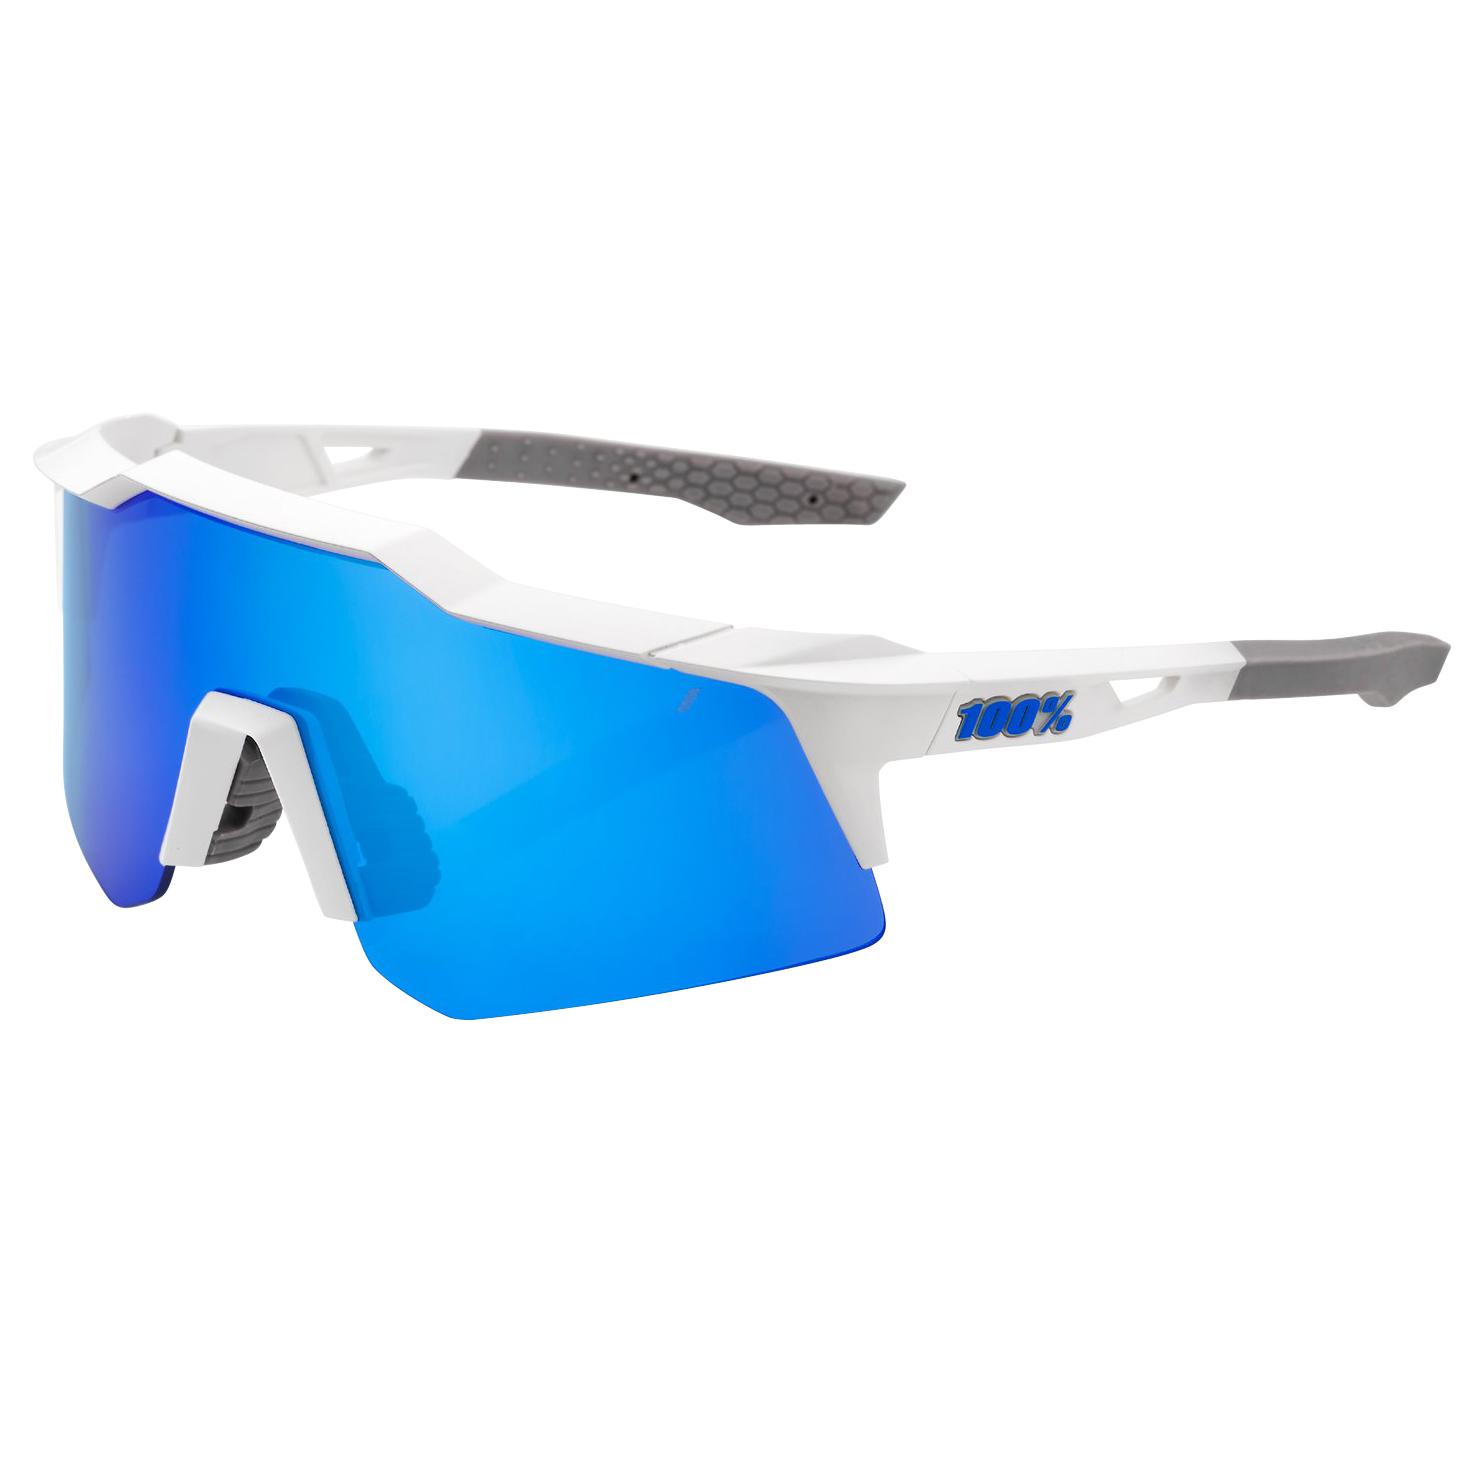 100% Speedcraft - XS - Multilayer Mirror Gafas - Matte White/Blue + Clear